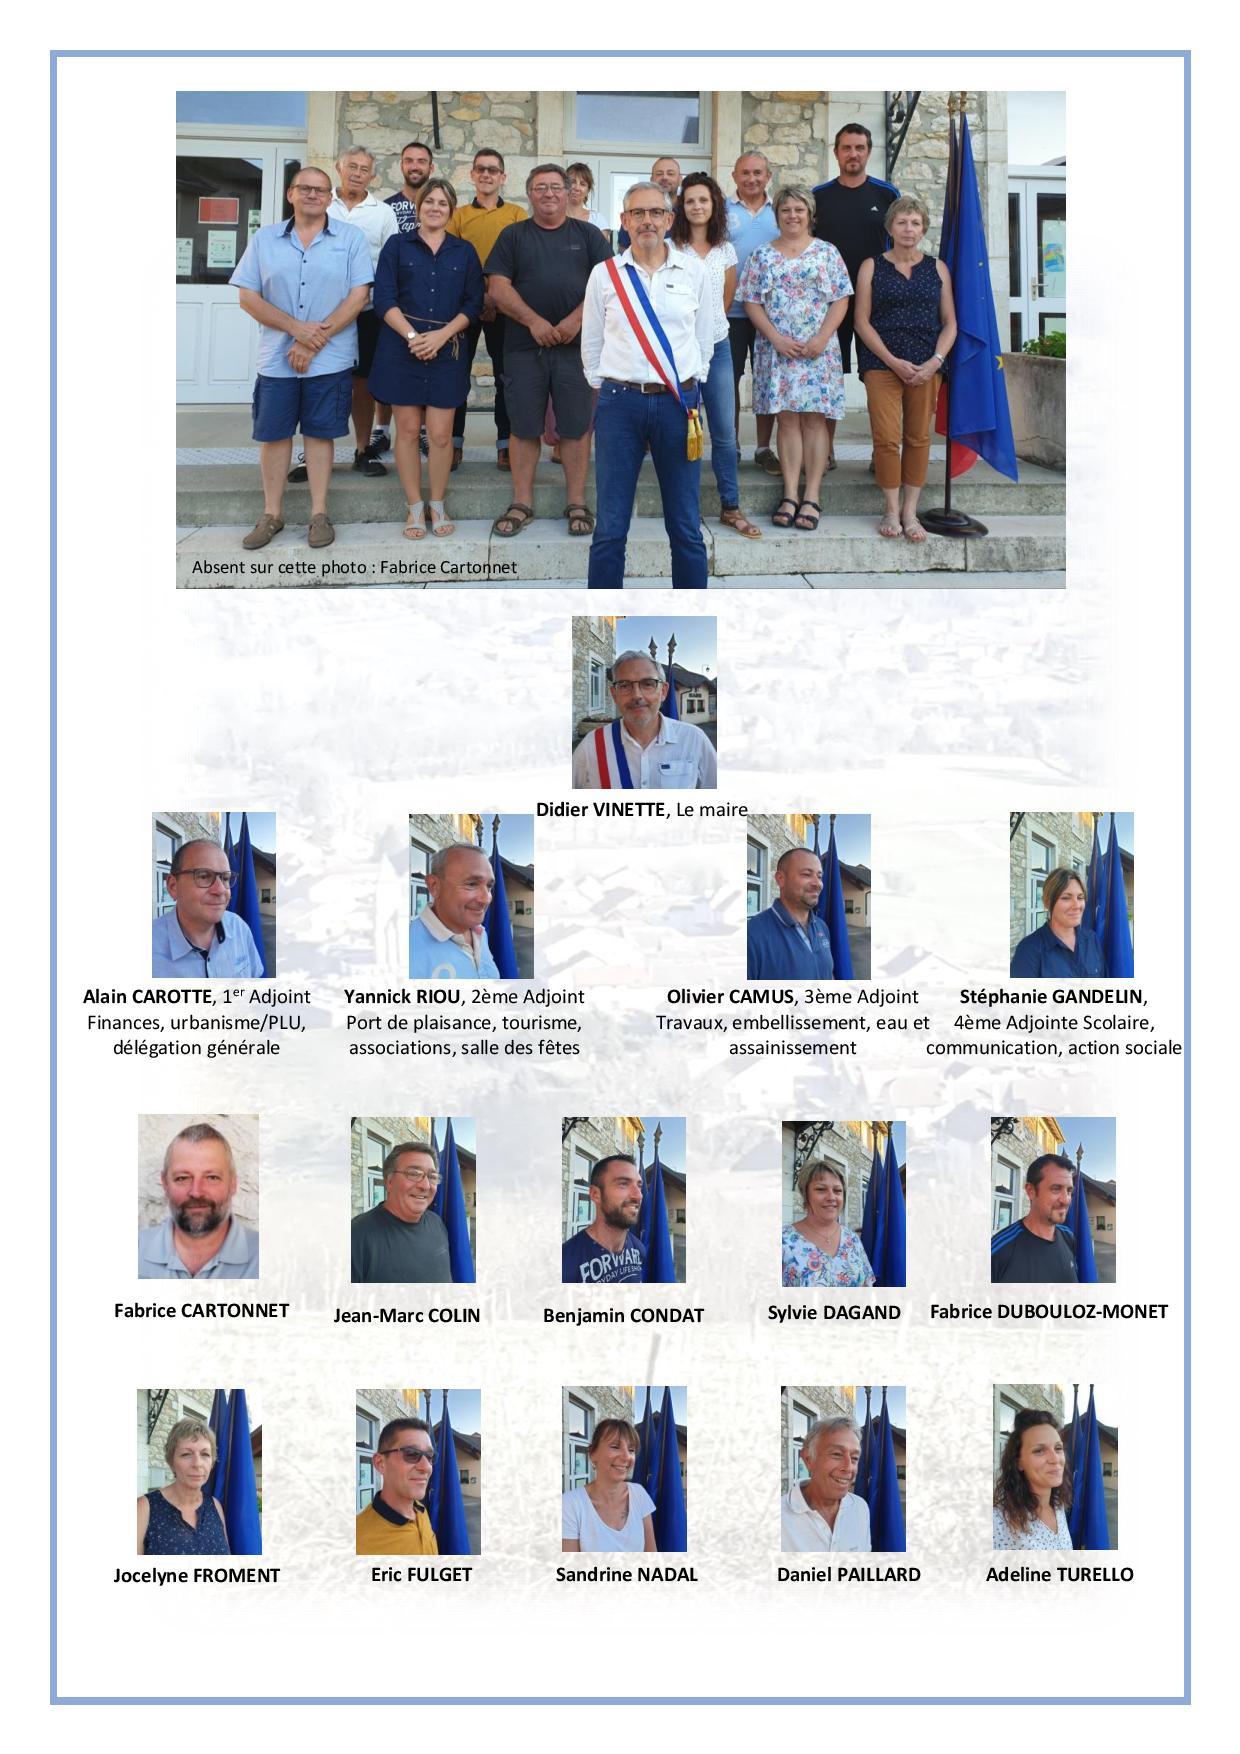 conseil municipal-page-001 _1_.jpg